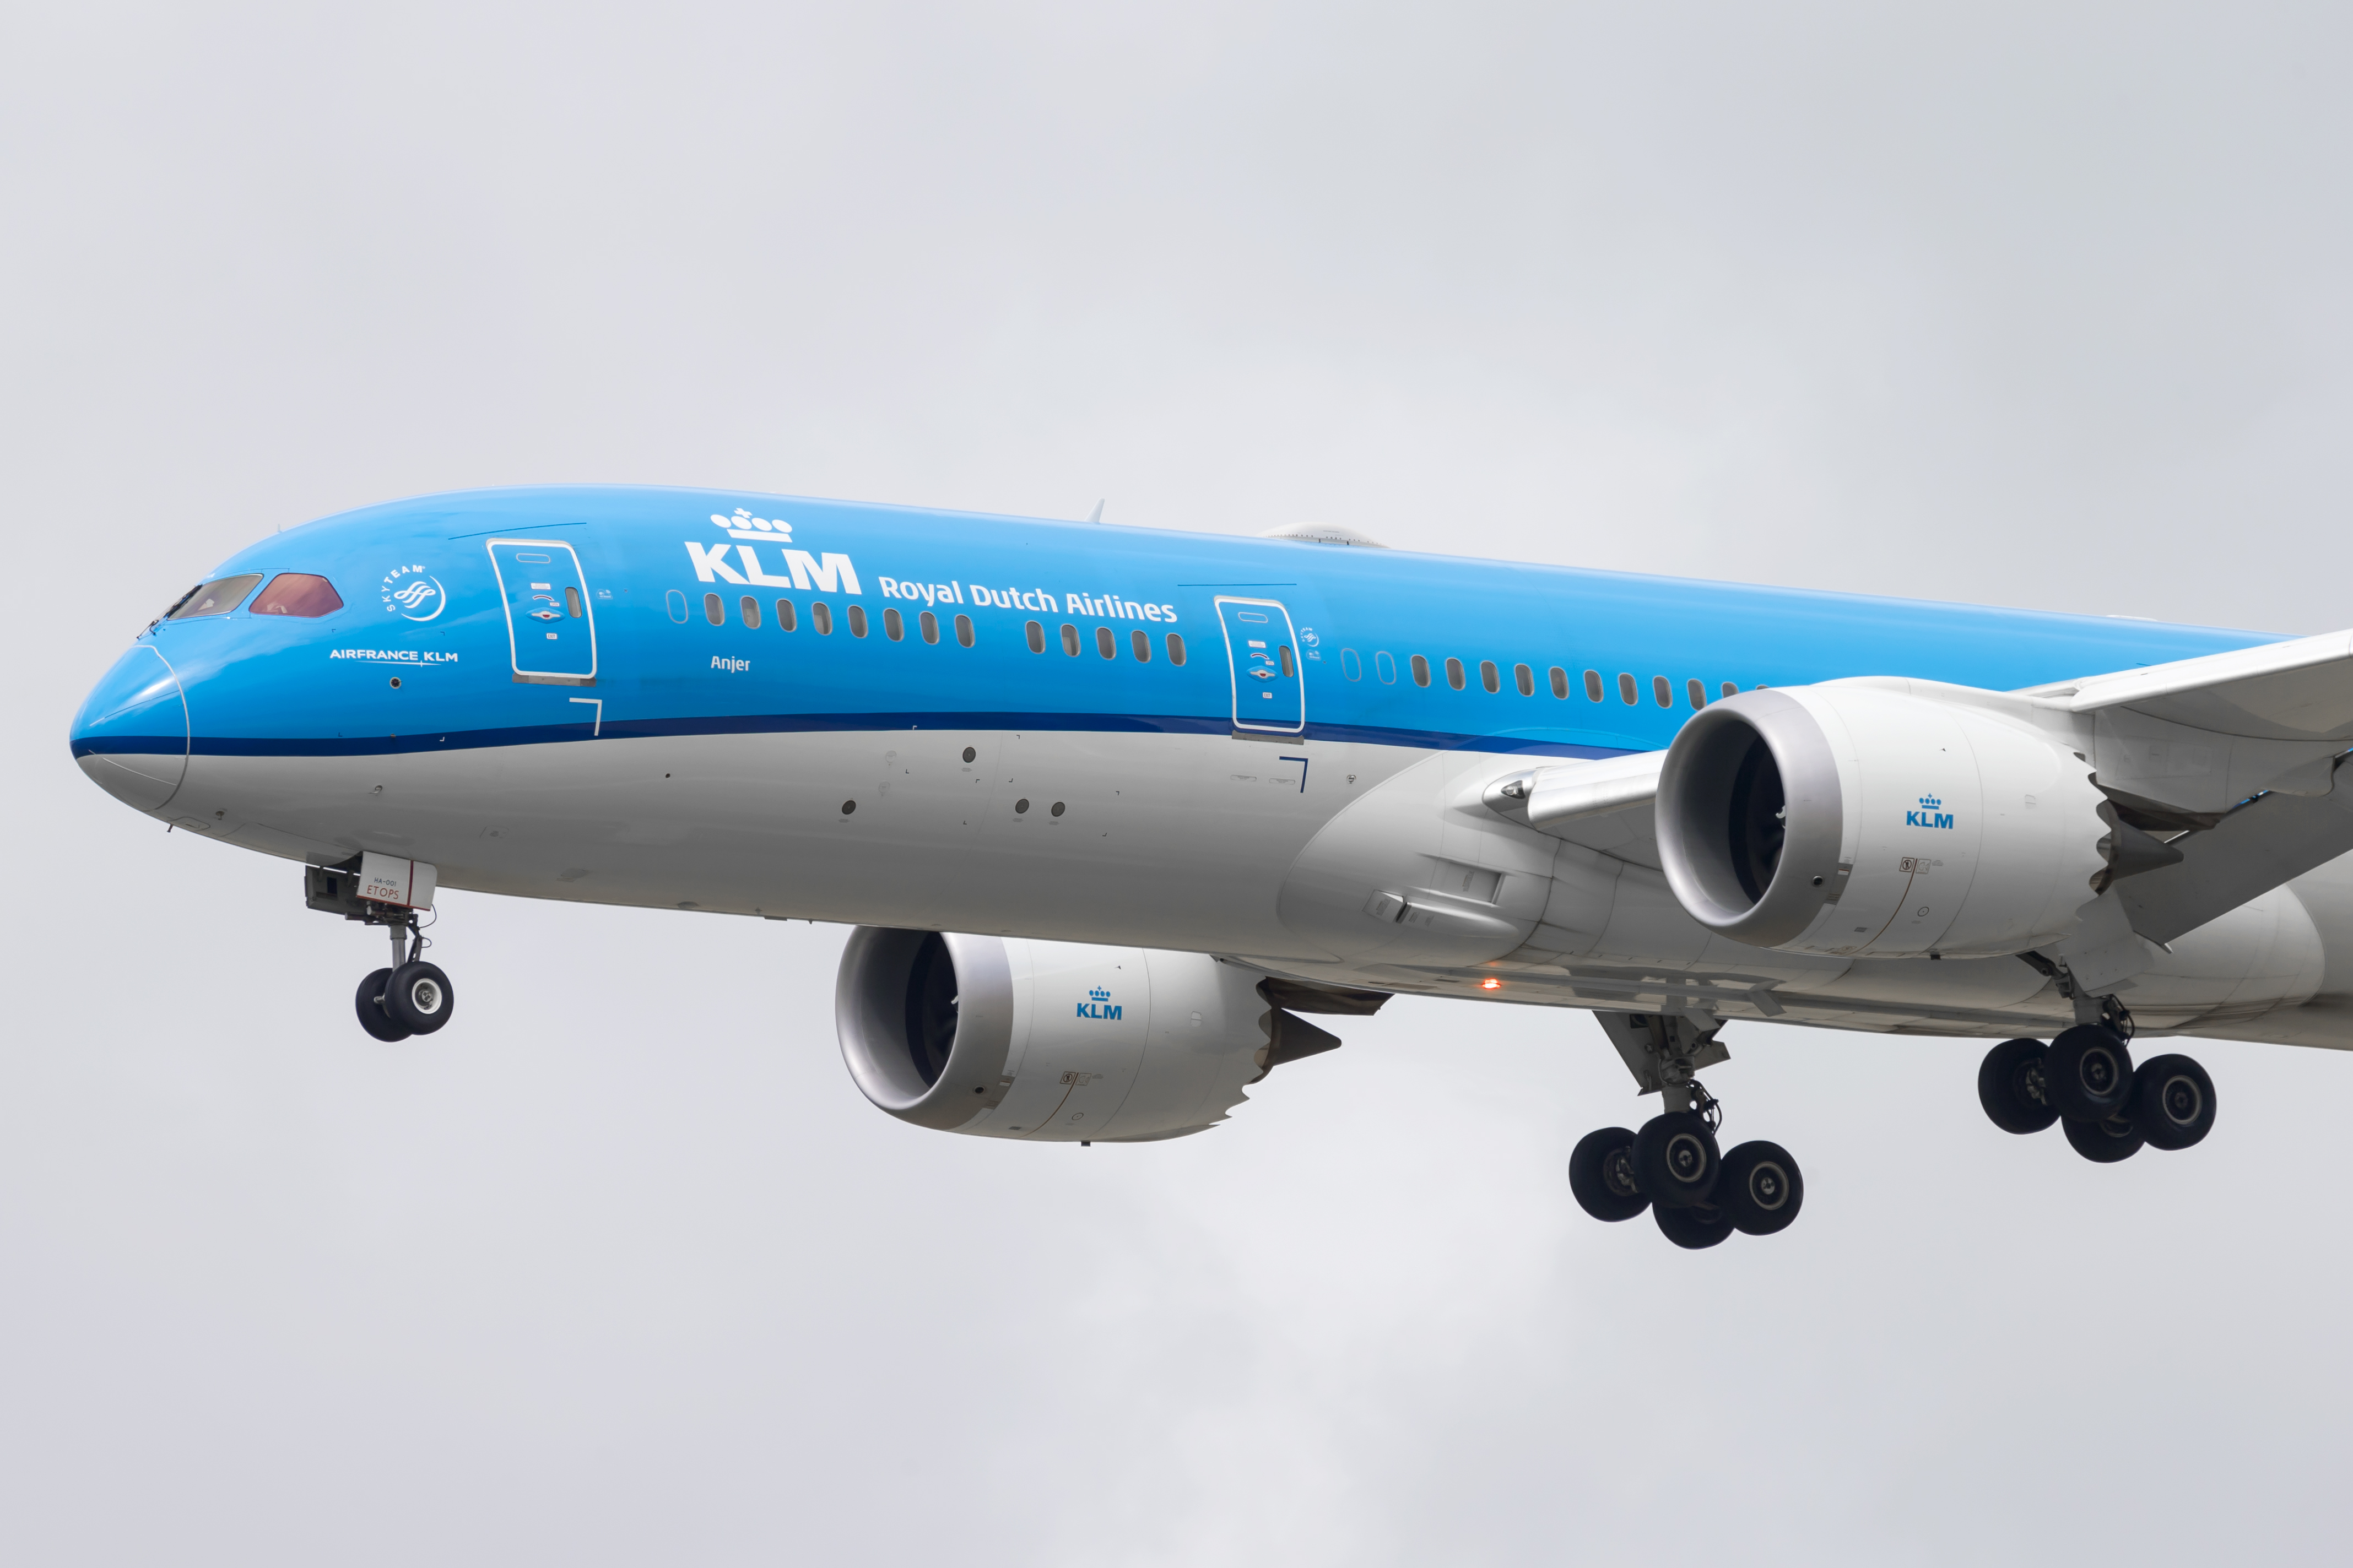 En Boeing 787-9 Dreamliner fra det hollandske flyselskab KLM. Foto: Thorbjørn Brunander Sund, Danish Aviation Photo